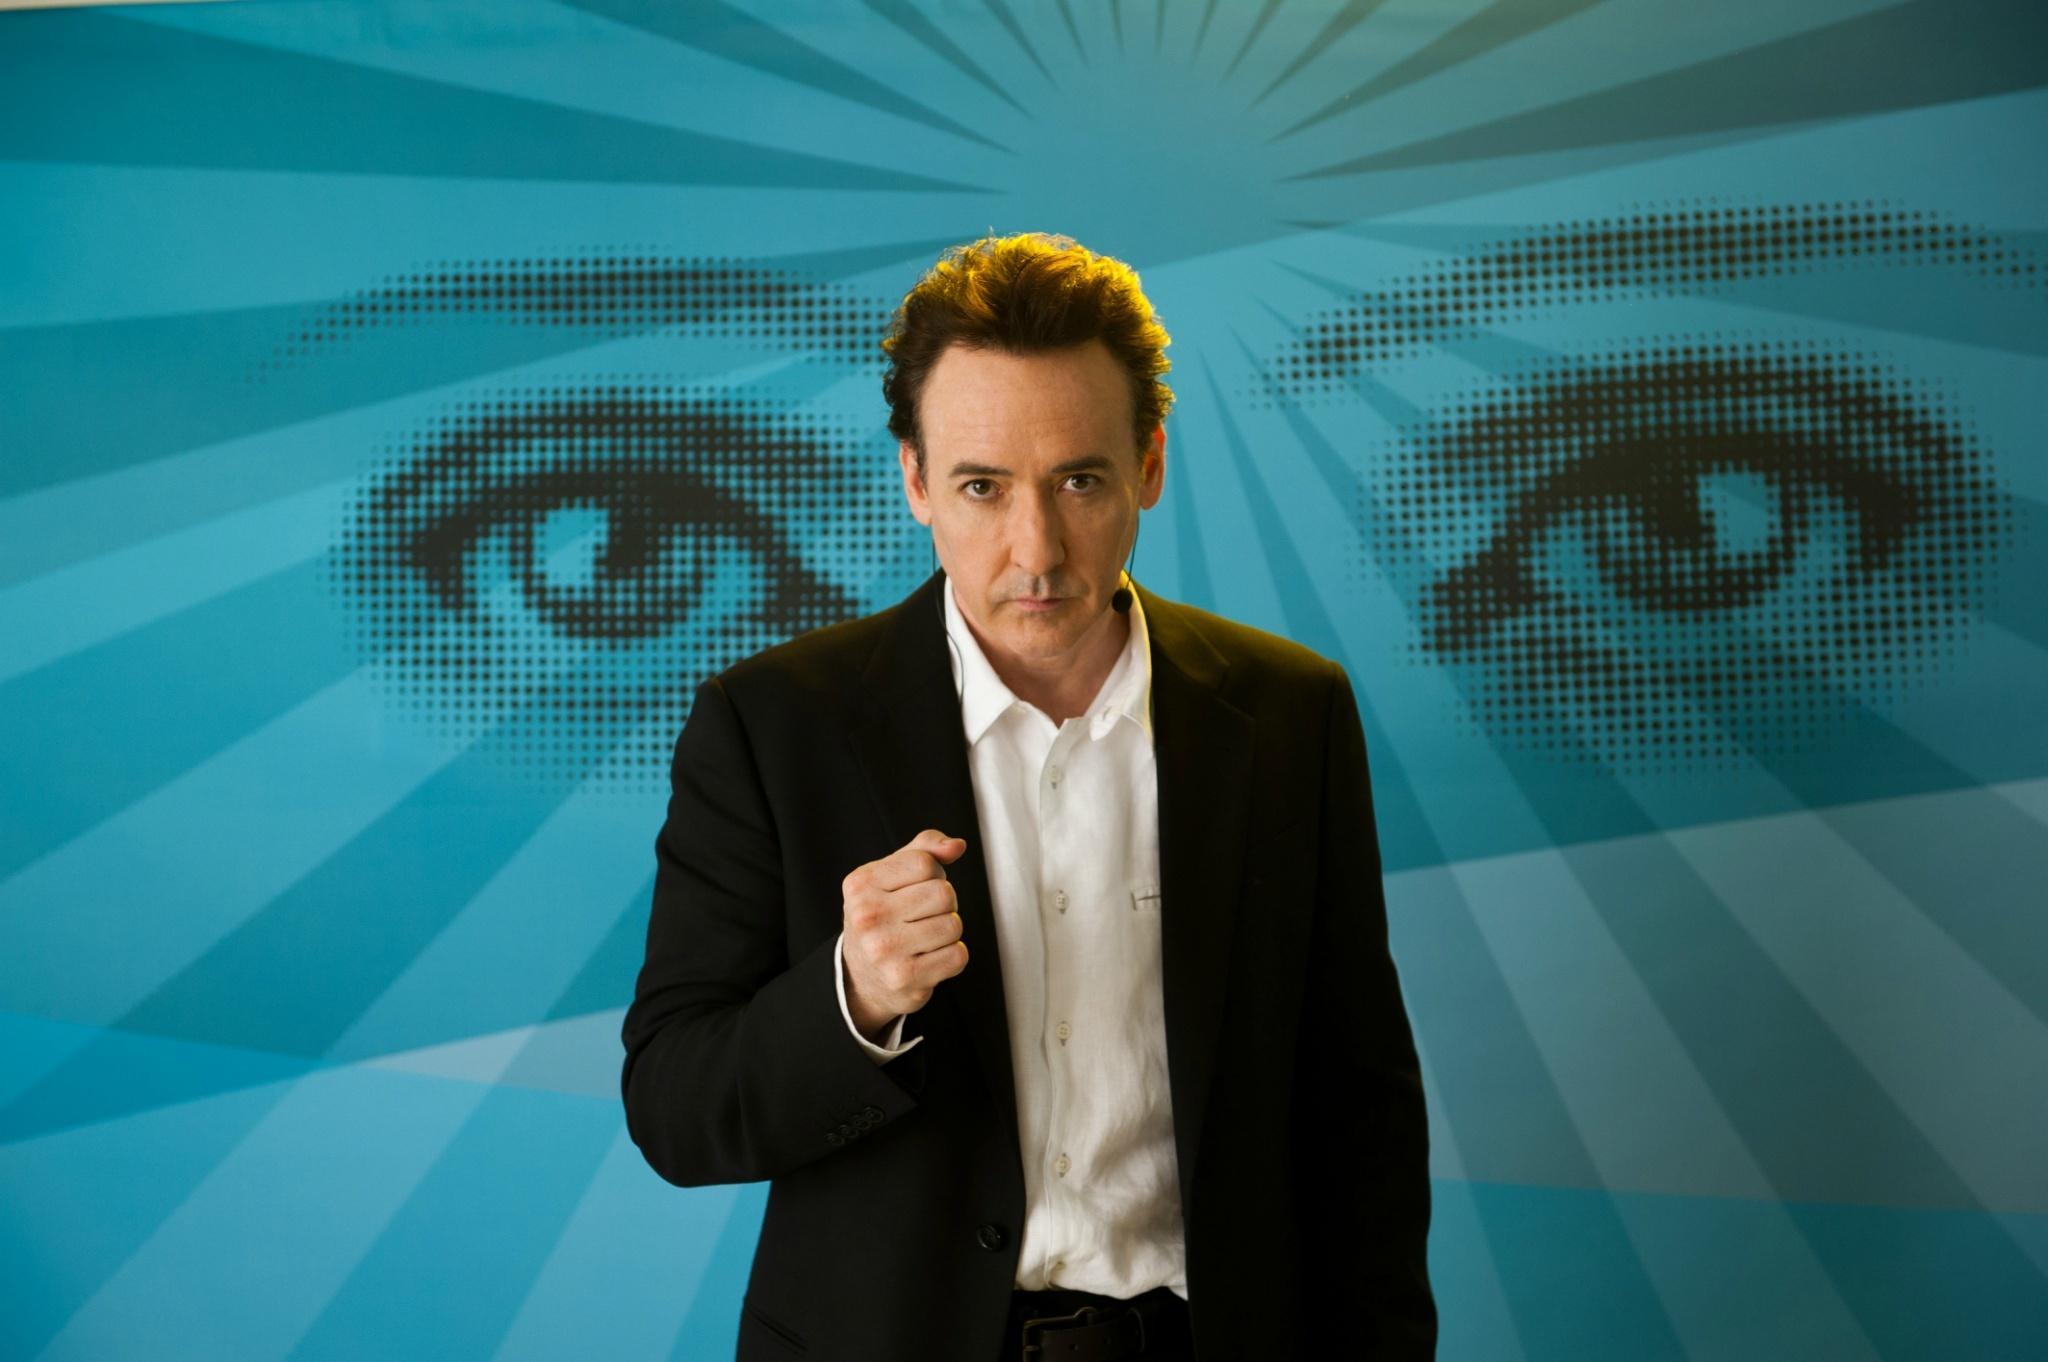 大卫·柯南伯格《星图》首曝预告 群星演绎影射现实好莱坞